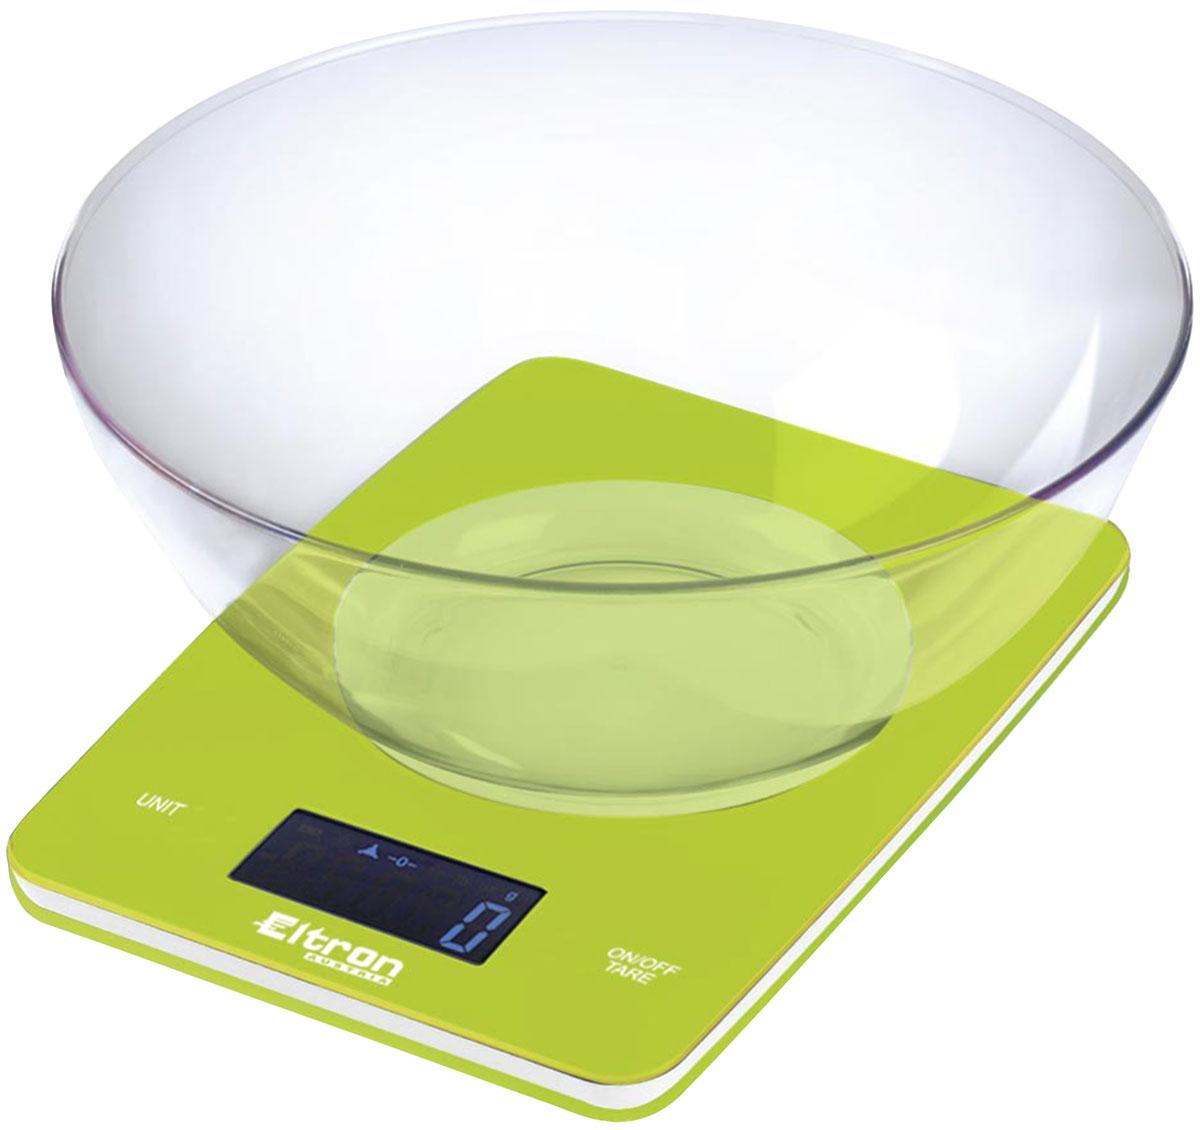 Весы кухонные Eltron, электронные, цвет: зеленый, до 5 кг. 9263EL9263ELЭлектронные кухонные весы. Современный дизайн. Двухкнопочный механизм. ЖК-дисплей. Съемная прозрачная чаша. Максимальный вес - 5 кг. Показывает вес в унциях, фунтах, гр, мл.1х 3В батарея входит в комплект.